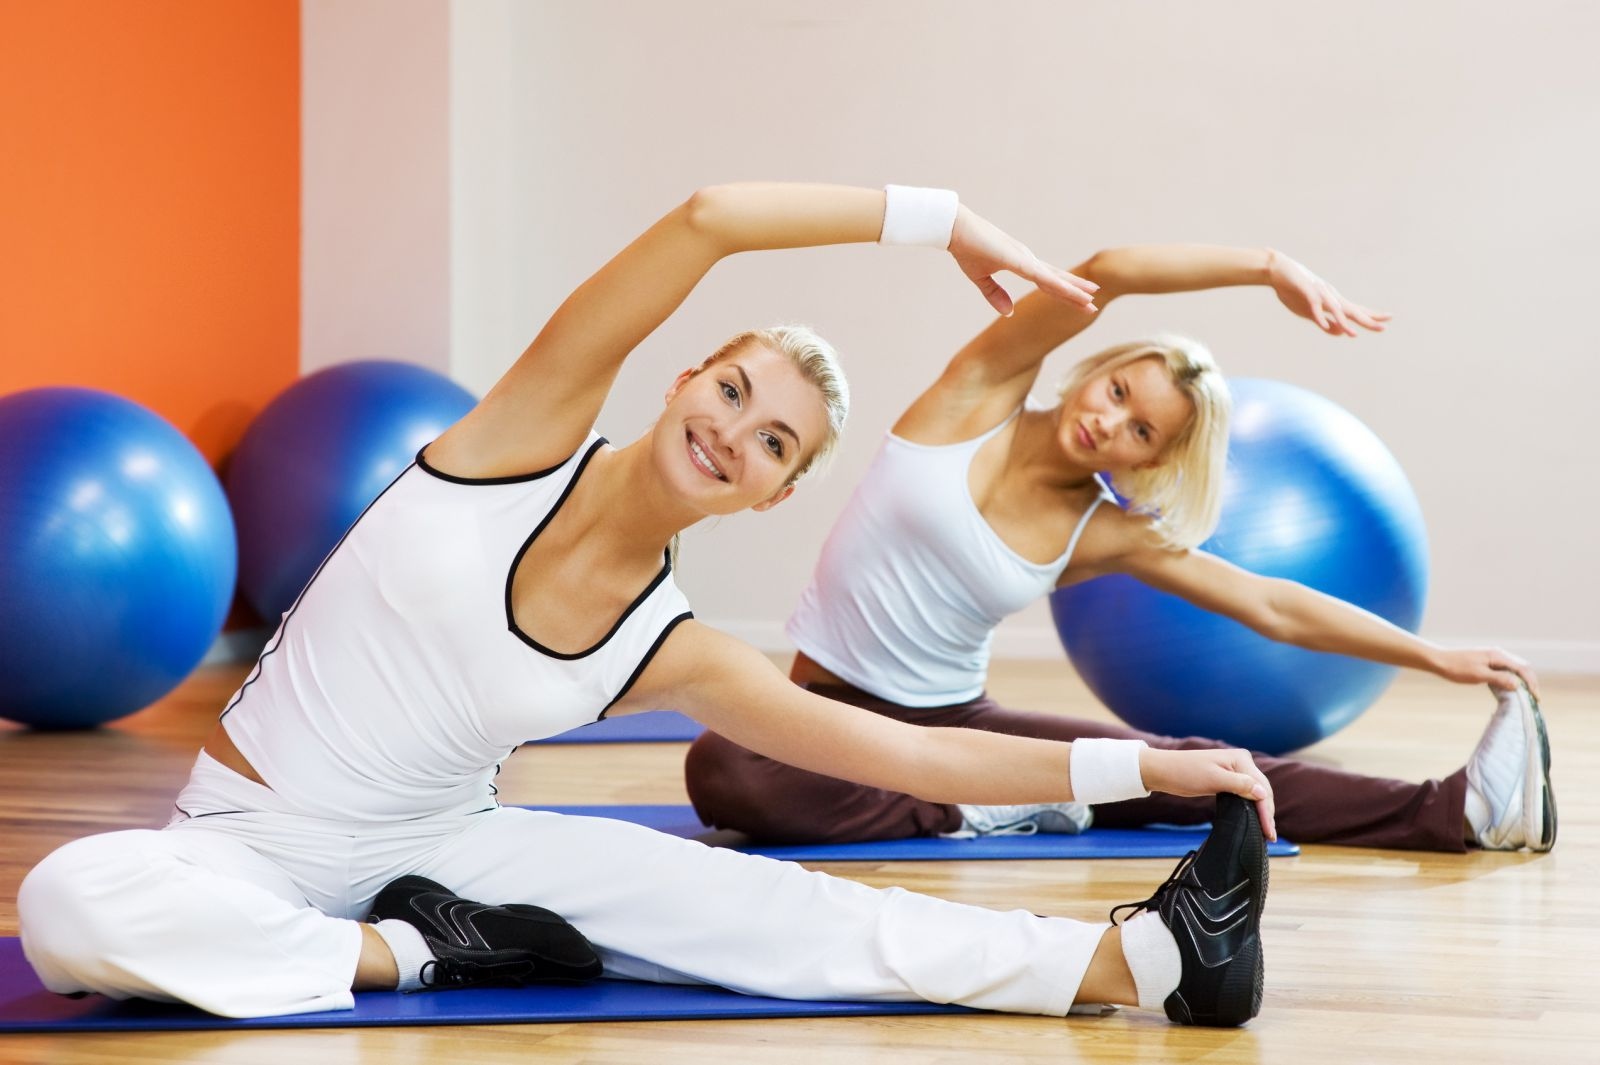 комплекс упражнений и питания для похудения мужчин